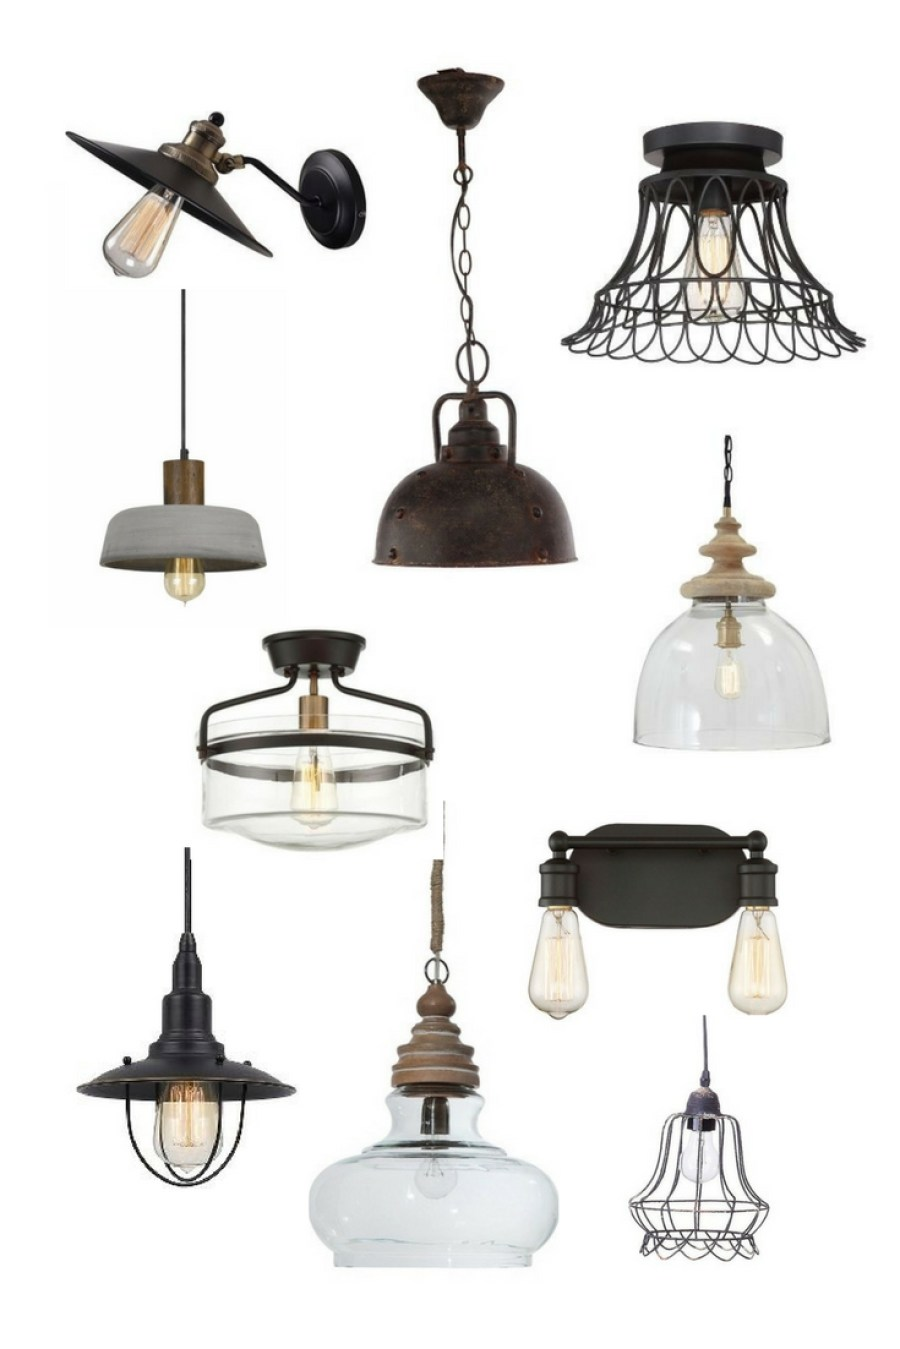 vintage farmhouse lighting. AFFORDABLE VINTAGE FARMHOUSE LIGHT FIXTURES, ALL FROM TARGET! Vintage Farmhouse Lighting N